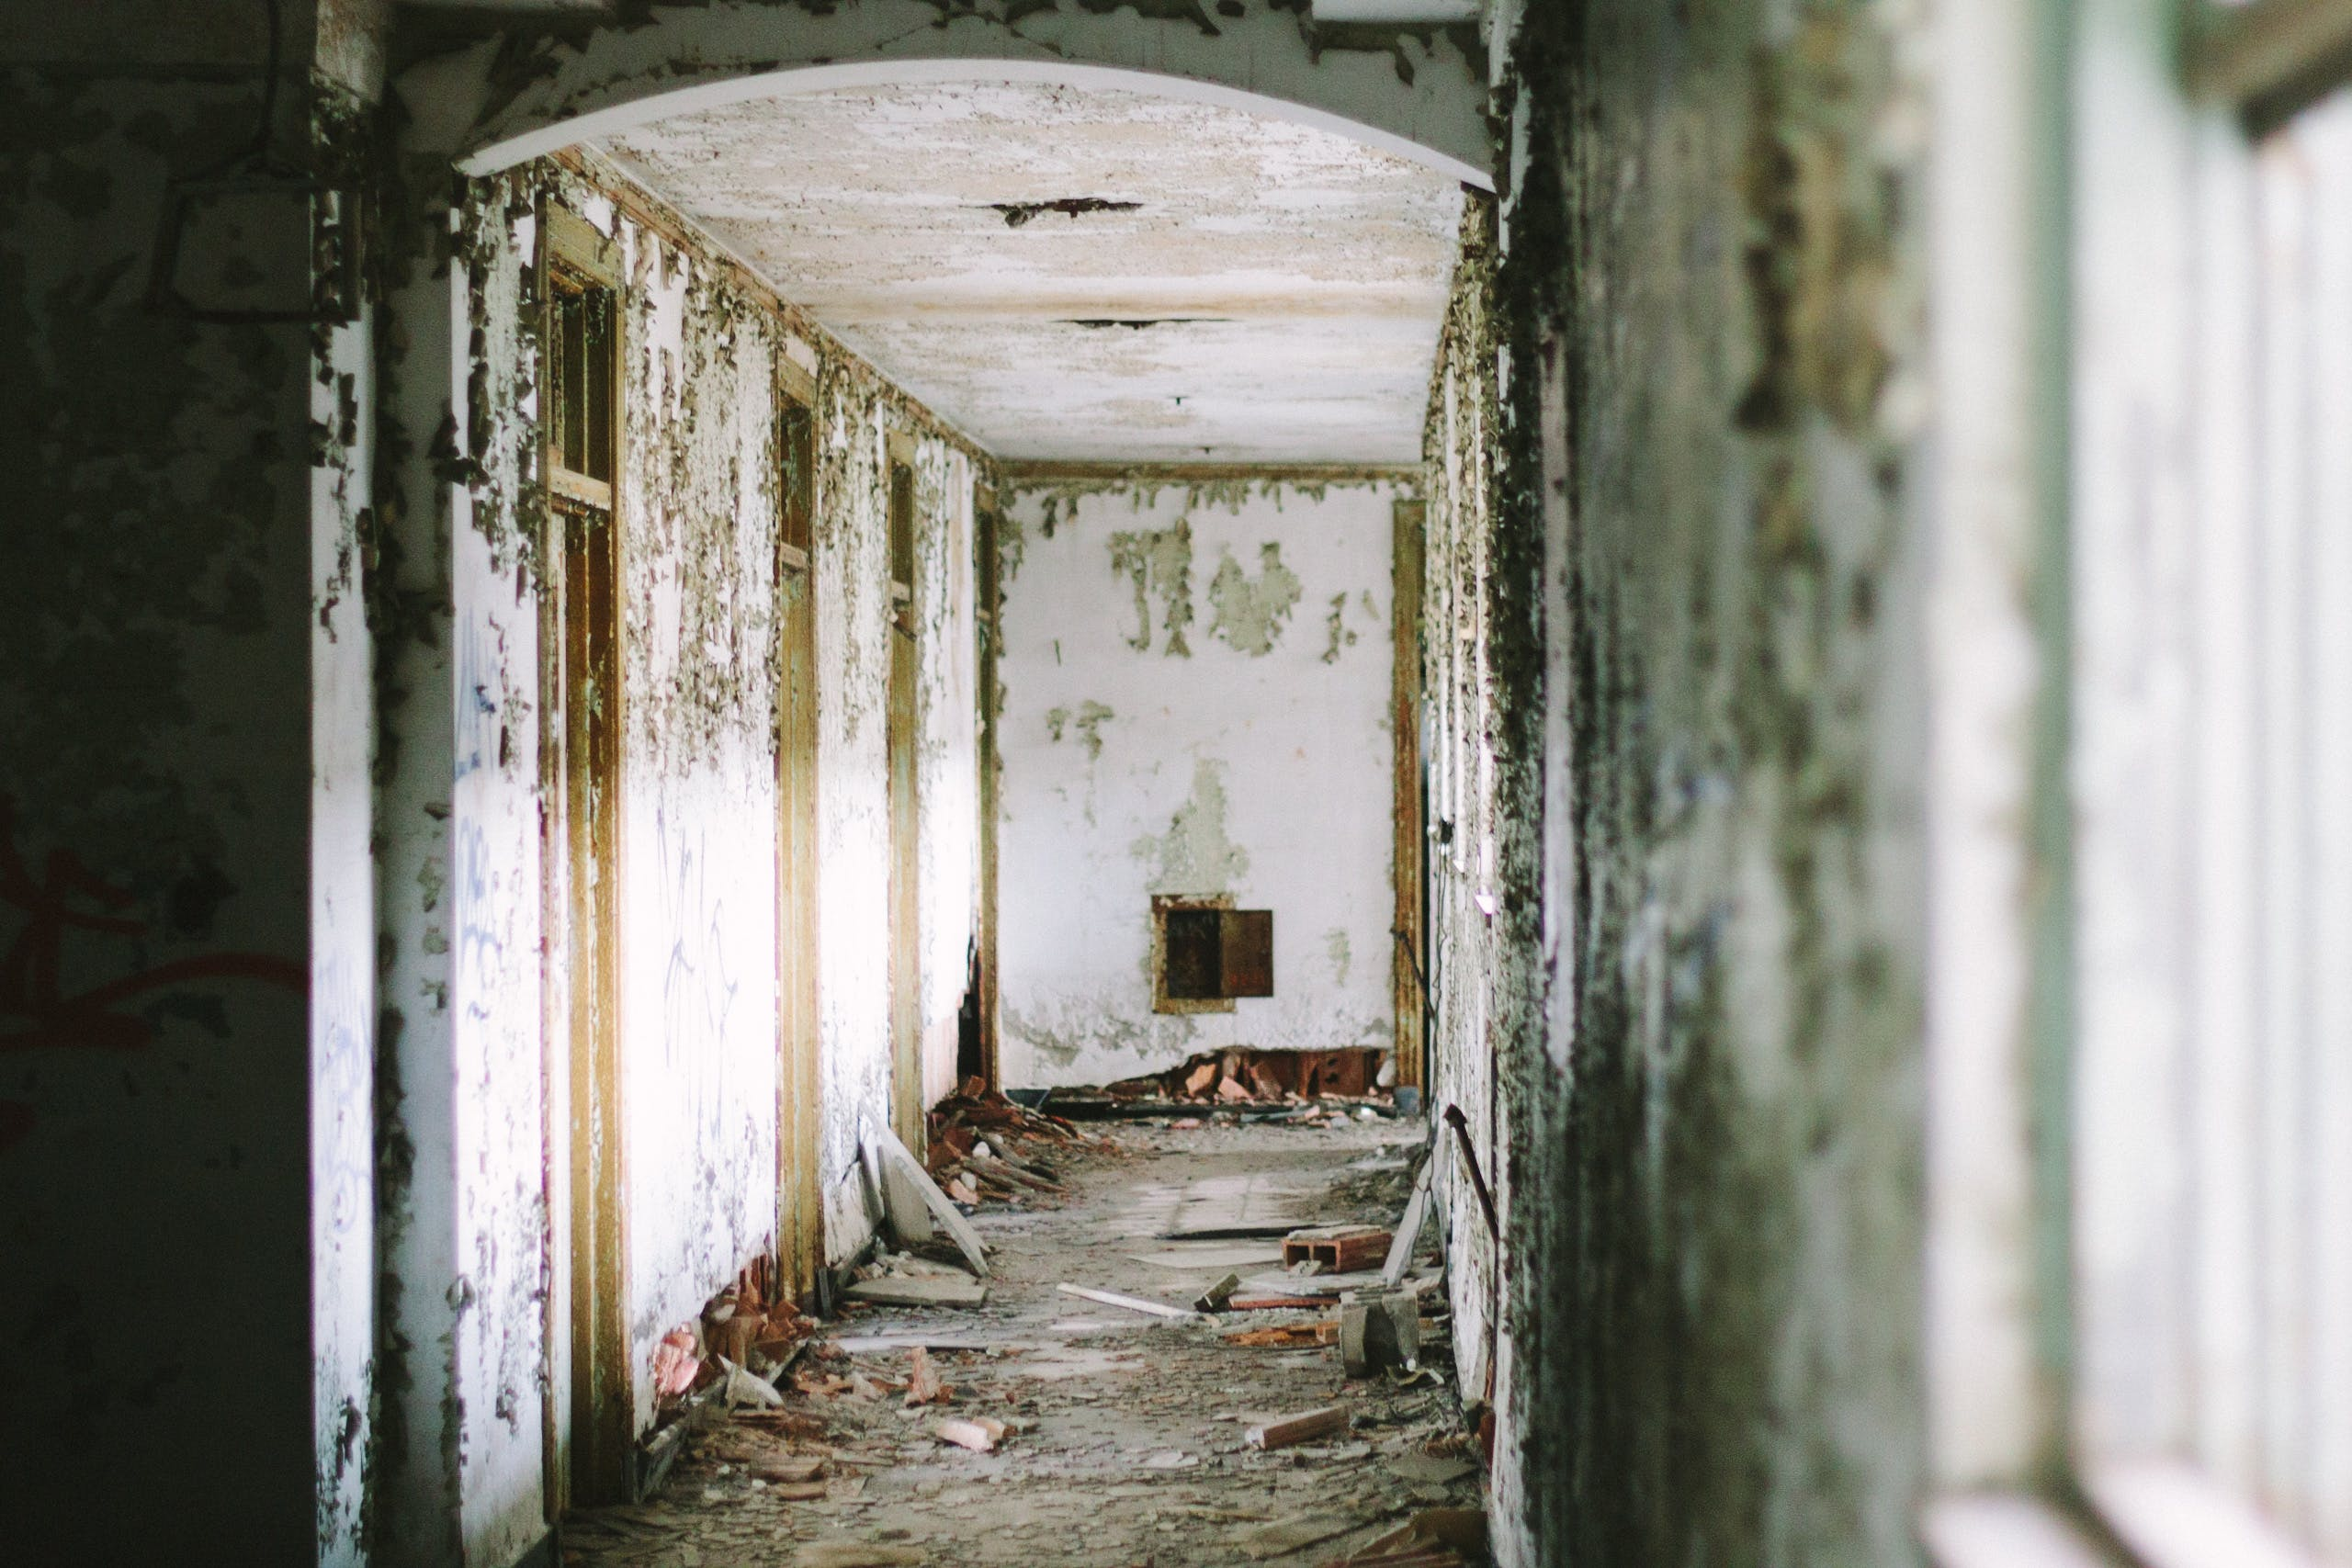 bangunan, cemar, dalam ruangan, diabaikan